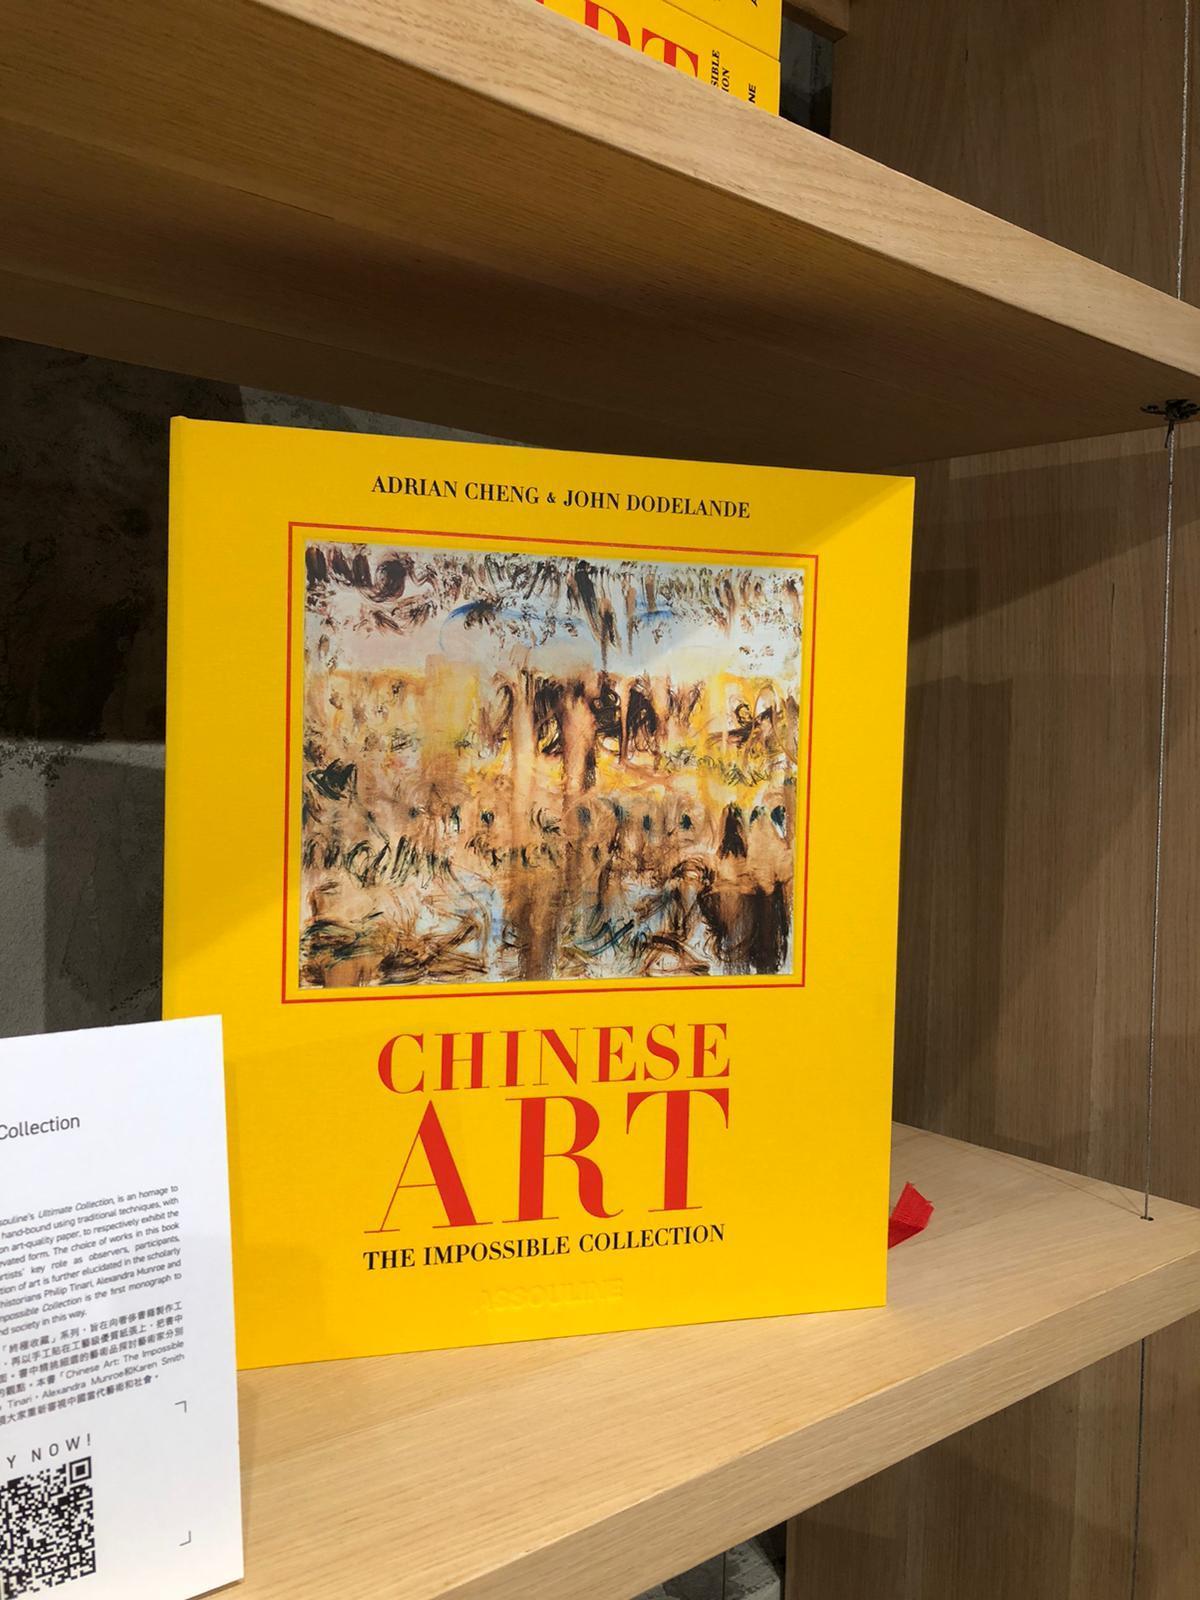 鄭志剛與藝術收藏家兼企業家John Dodelande合著的《Chinese Art: The Impossible Collection》。